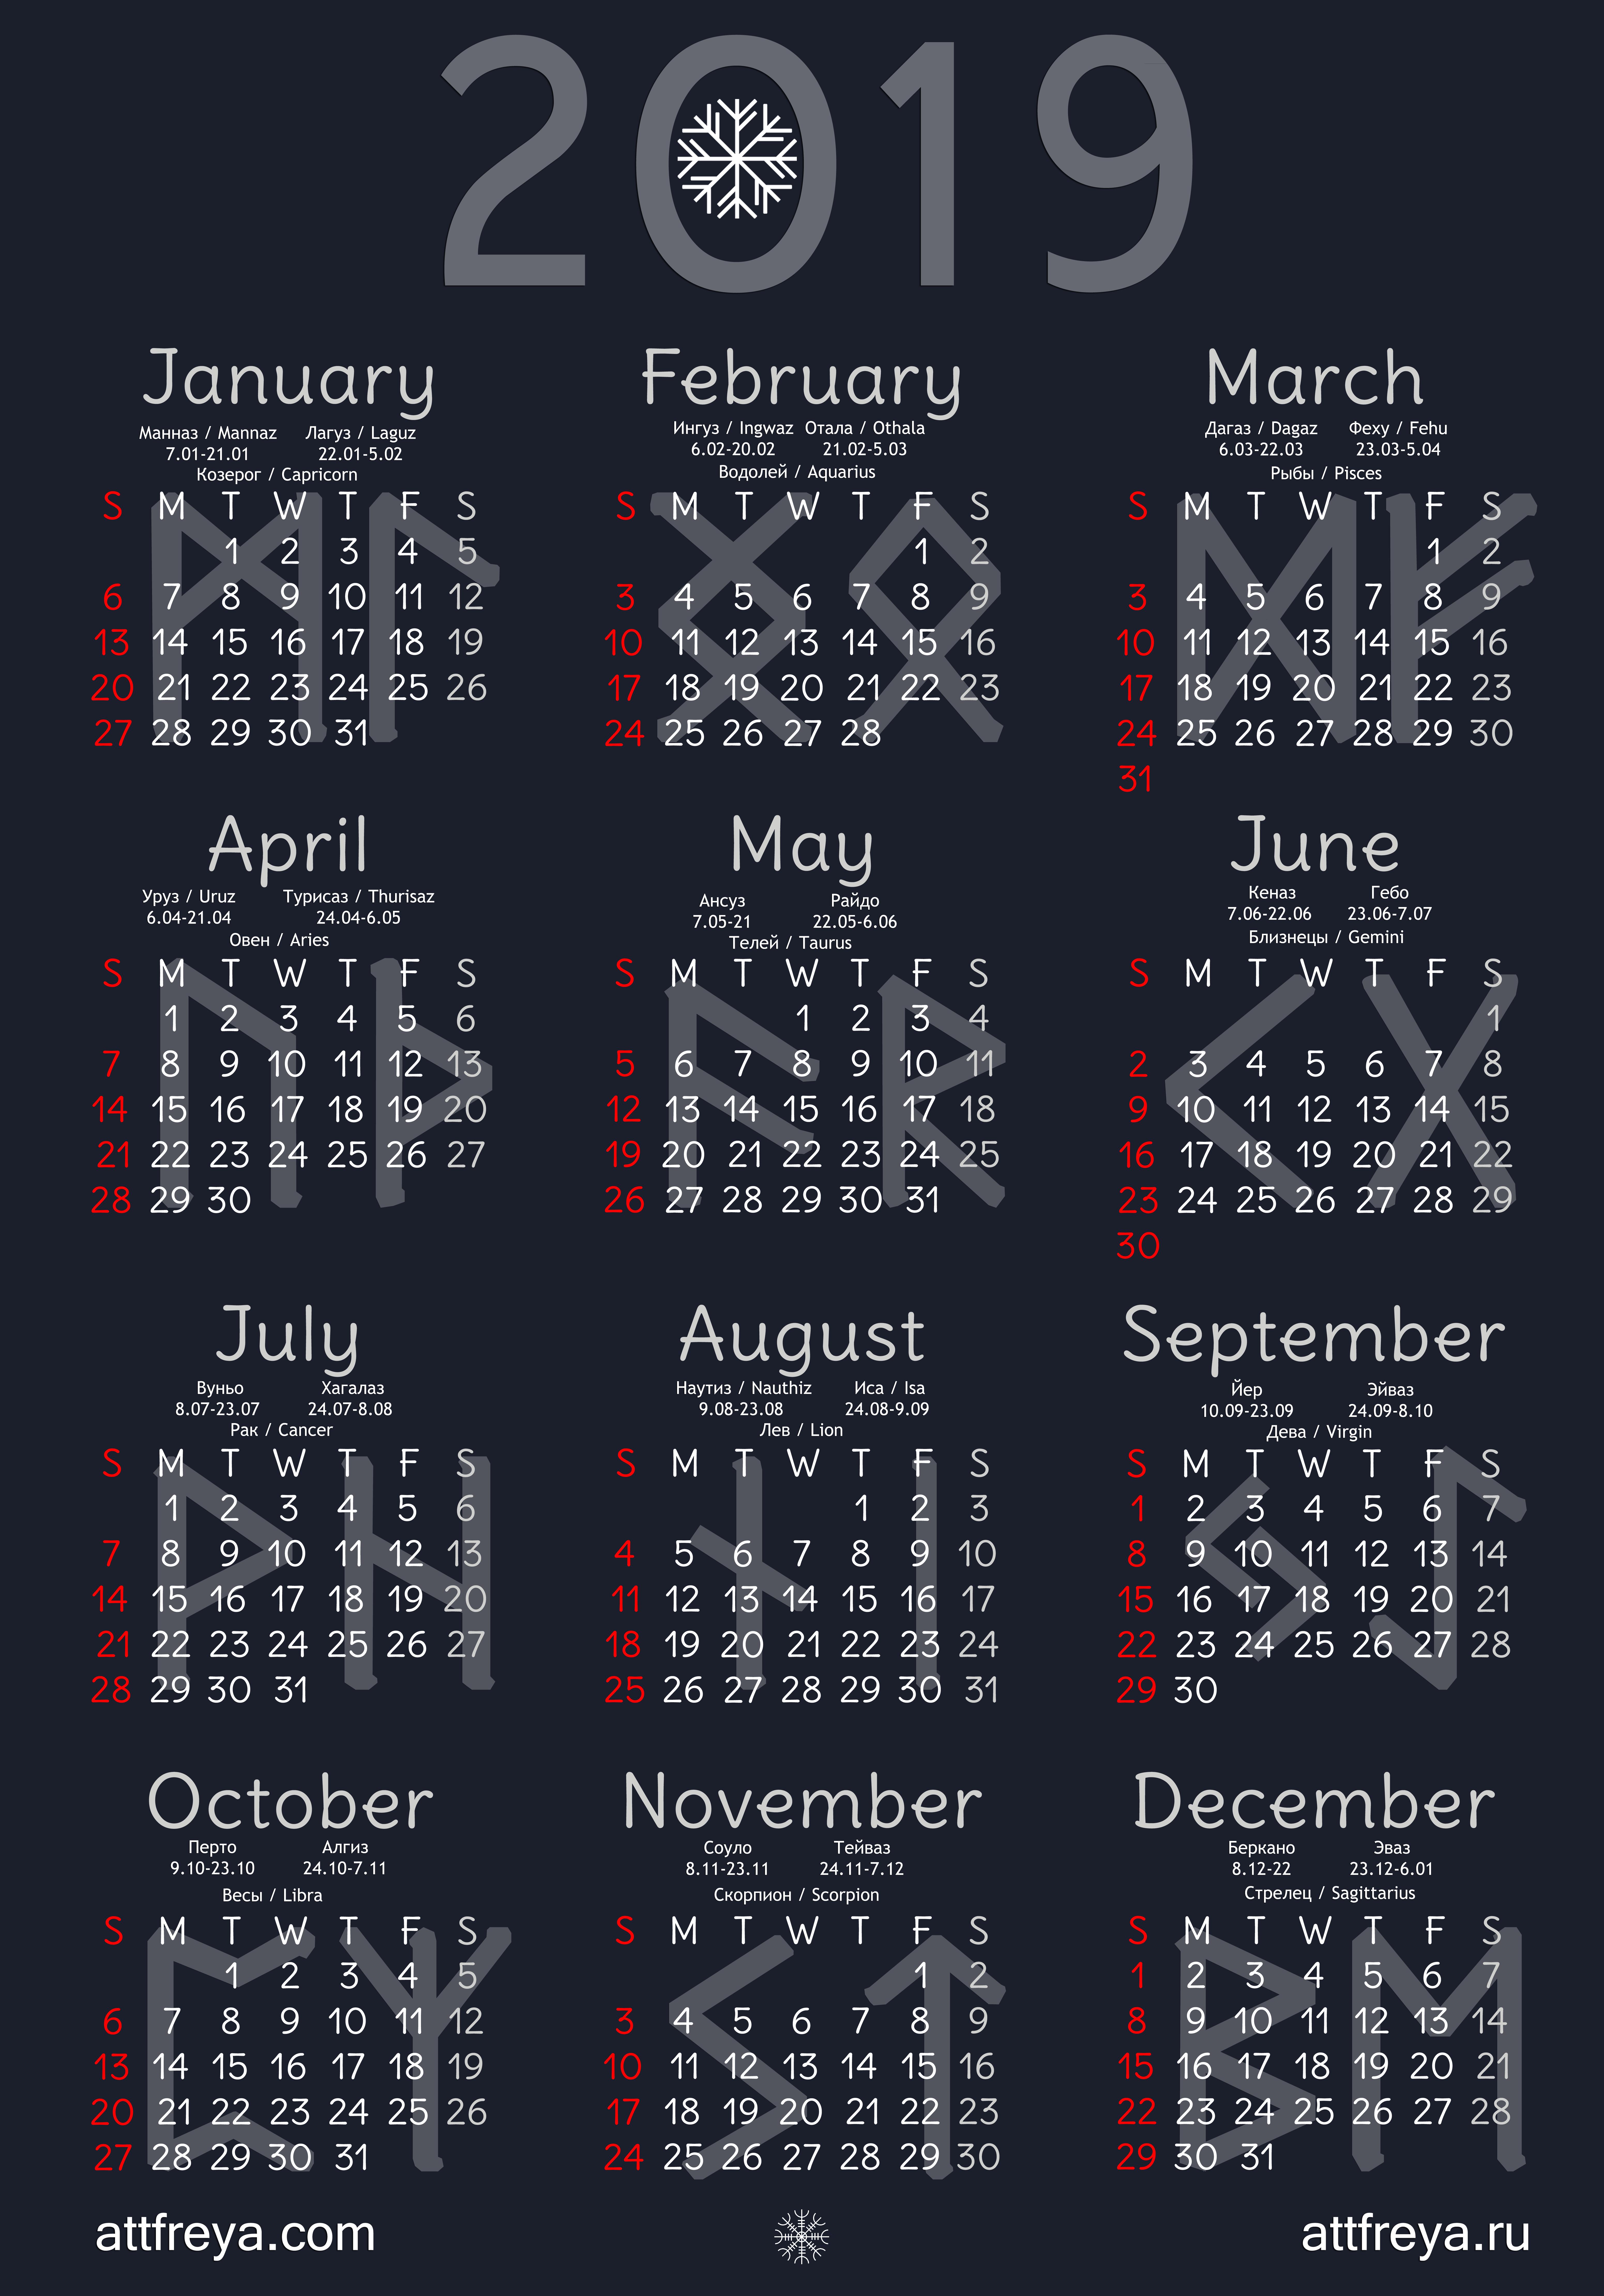 ᚱᚾᚲ :: 29-12-2019 :: Runic Calendar 2019. Futhark Runes